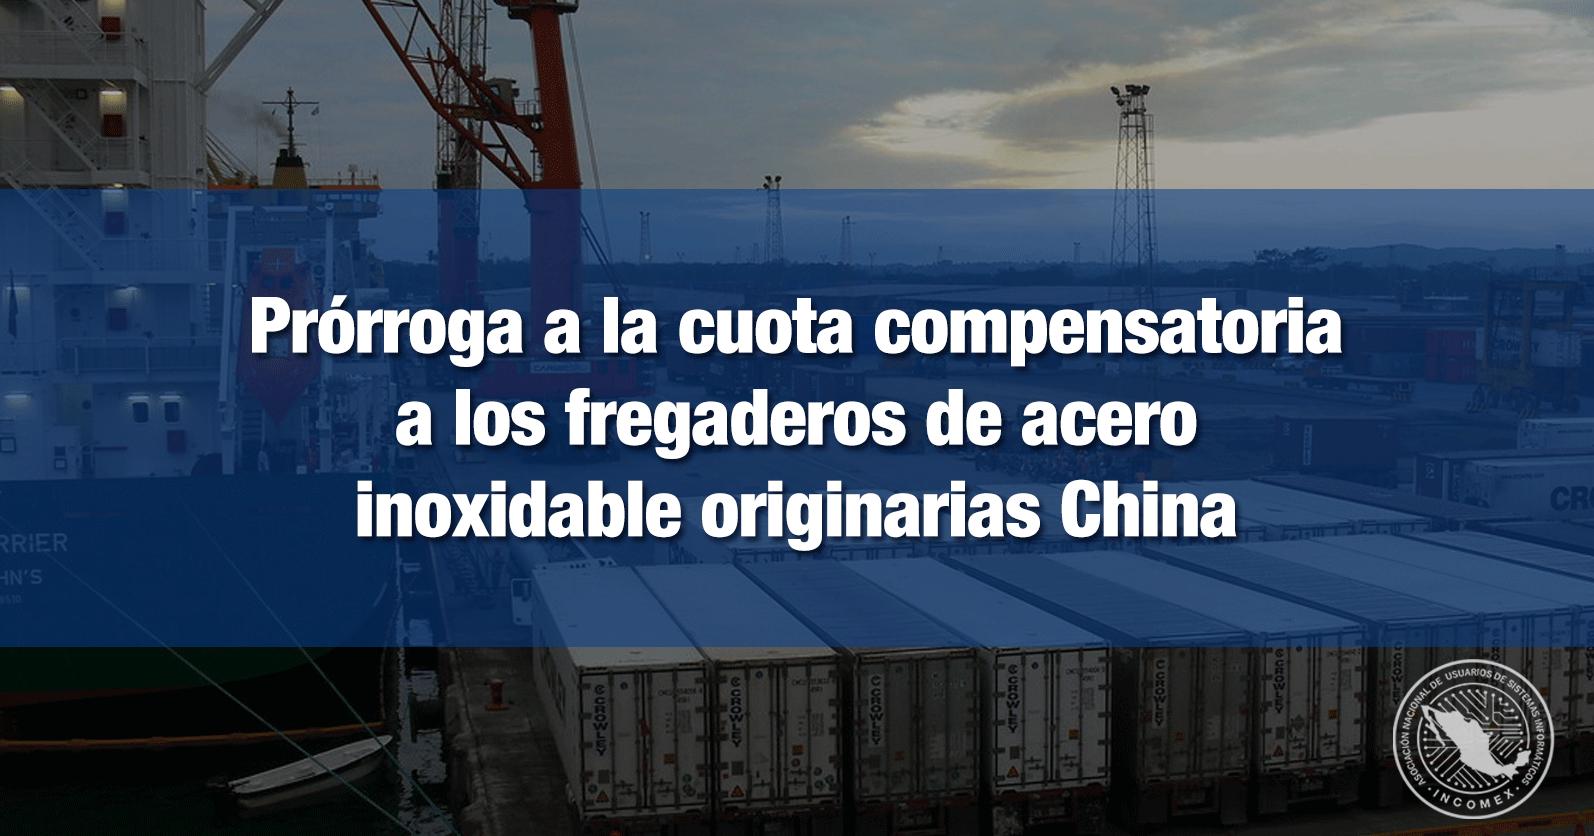 Prórroga a la cuota compensatoria a los fregaderos de acero inoxidable originarias China